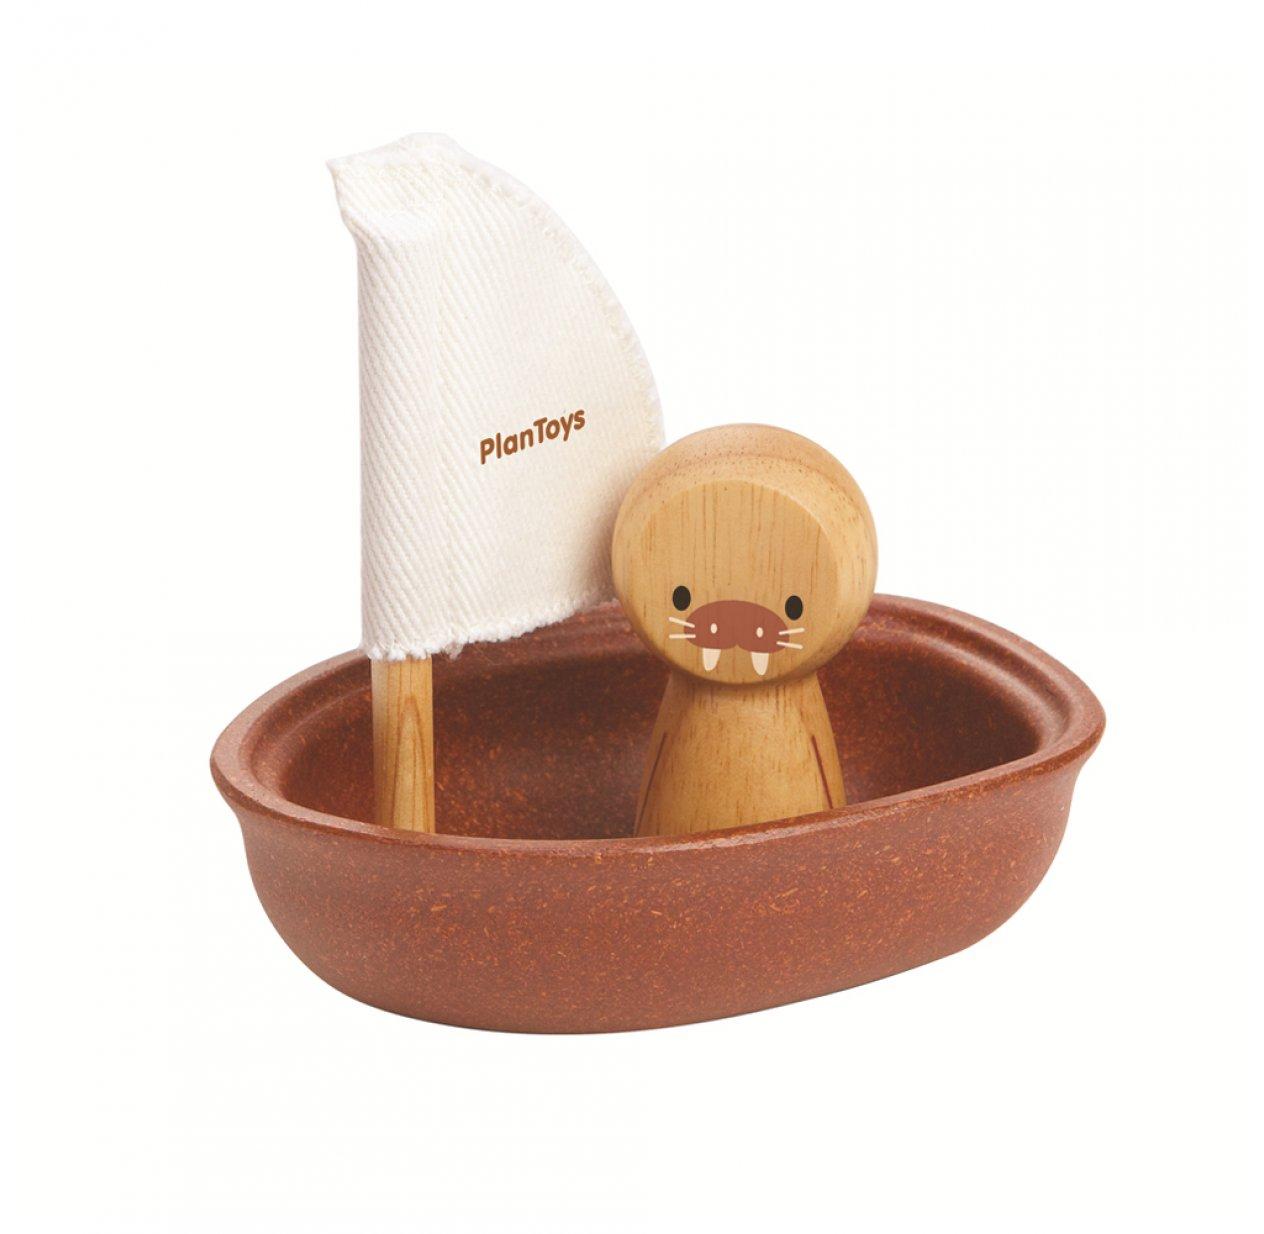 bateau-morse-plan-toys-1_1264x1234